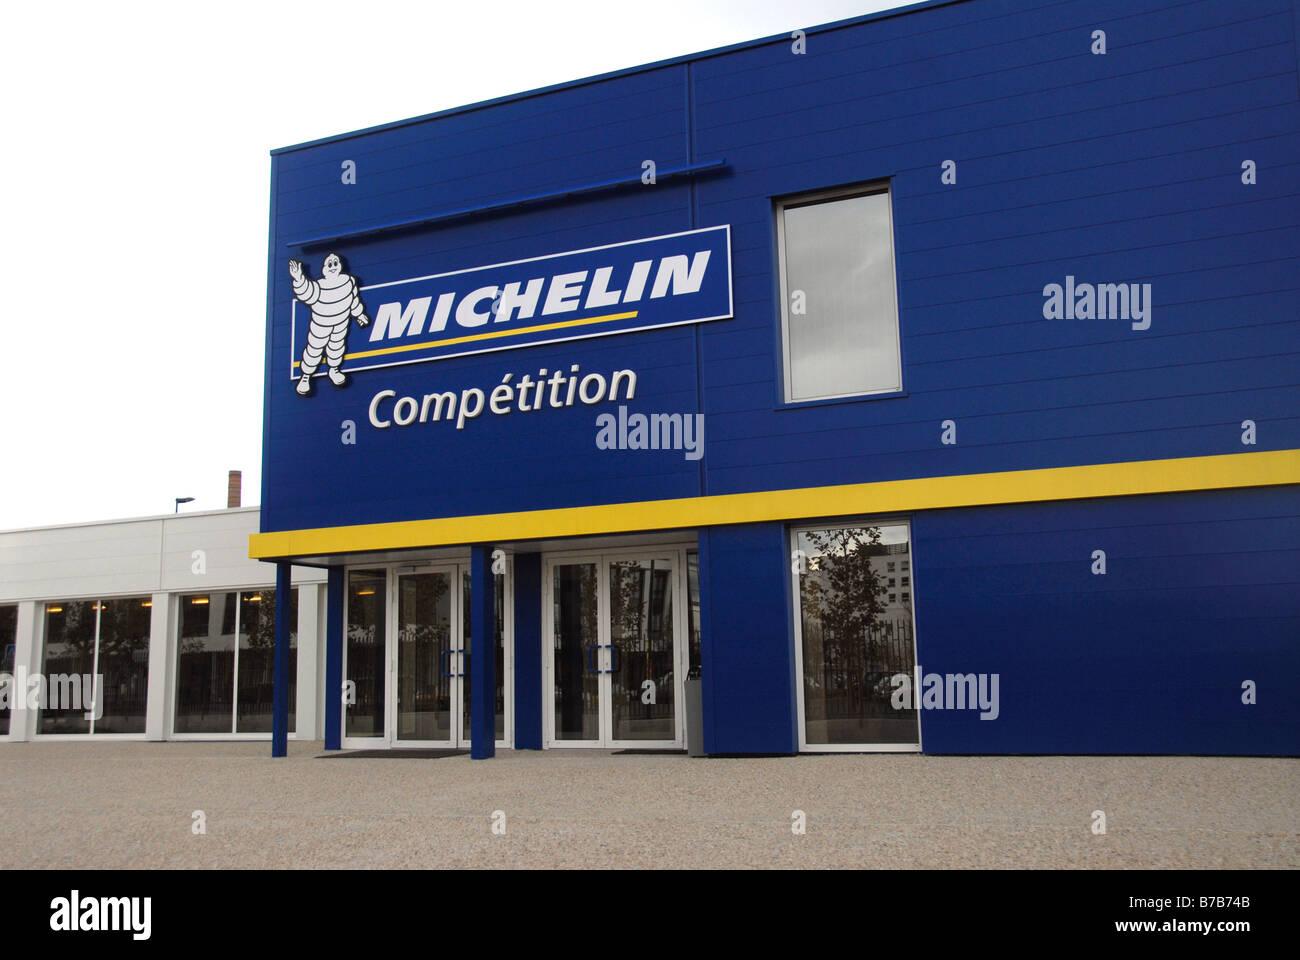 Bureau de la concurrence michelin clermont ferrand puy de dôme